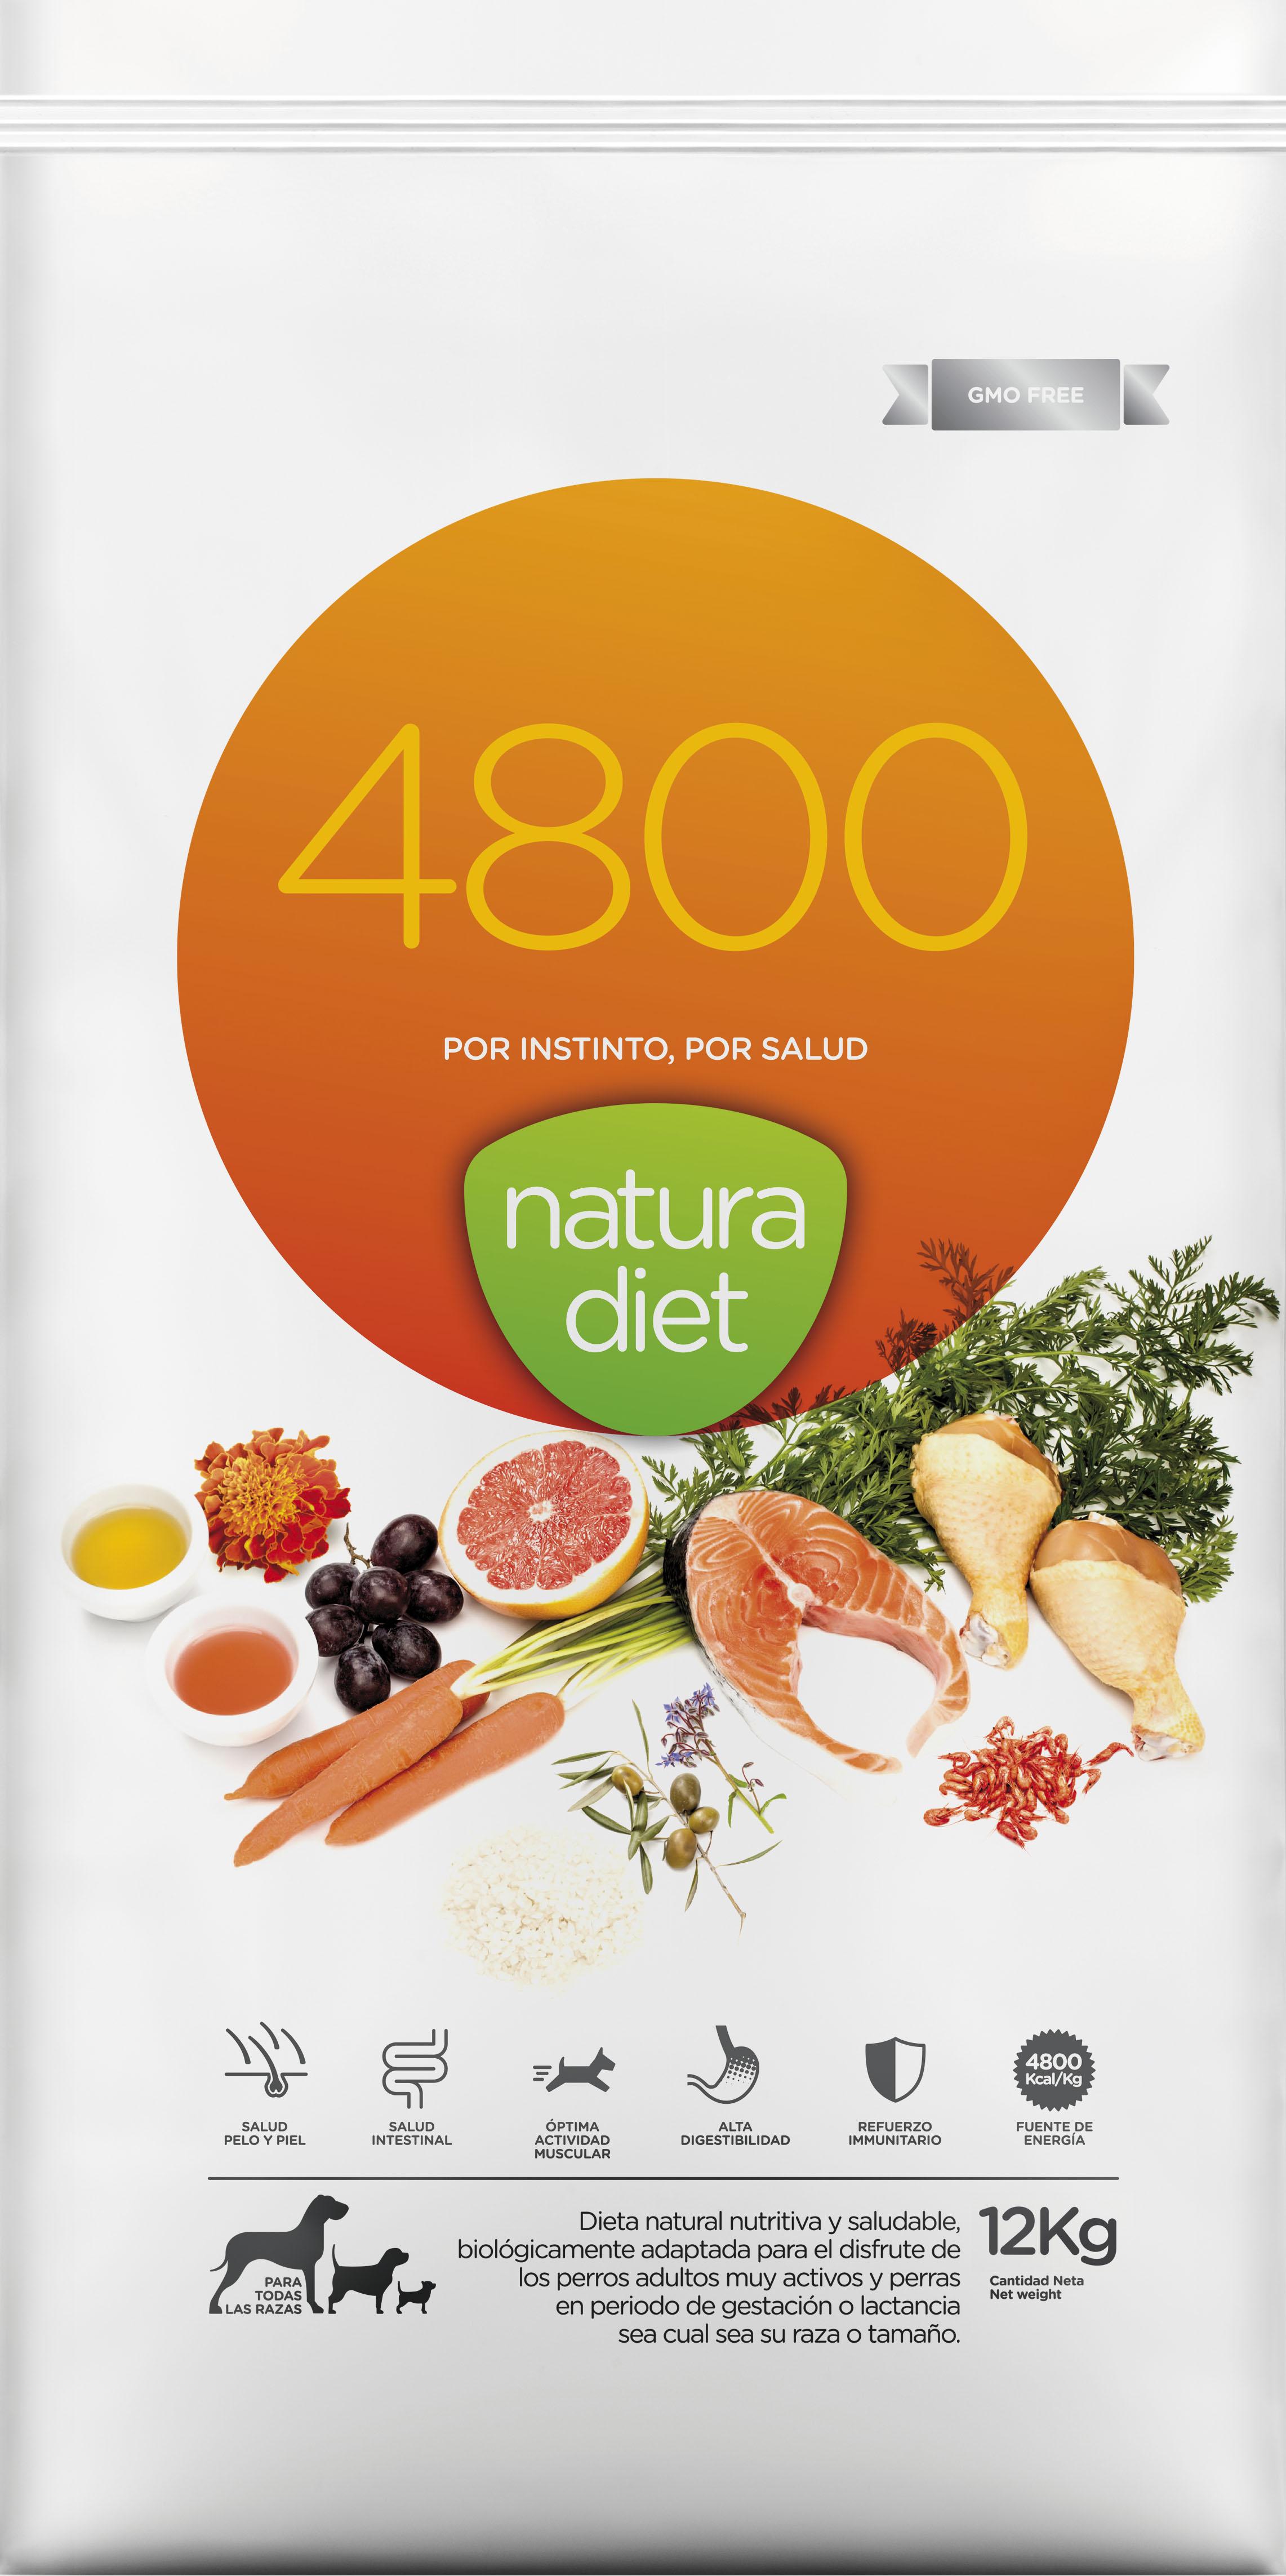 Pienso_Natura_Diet_Daily_4800_saco